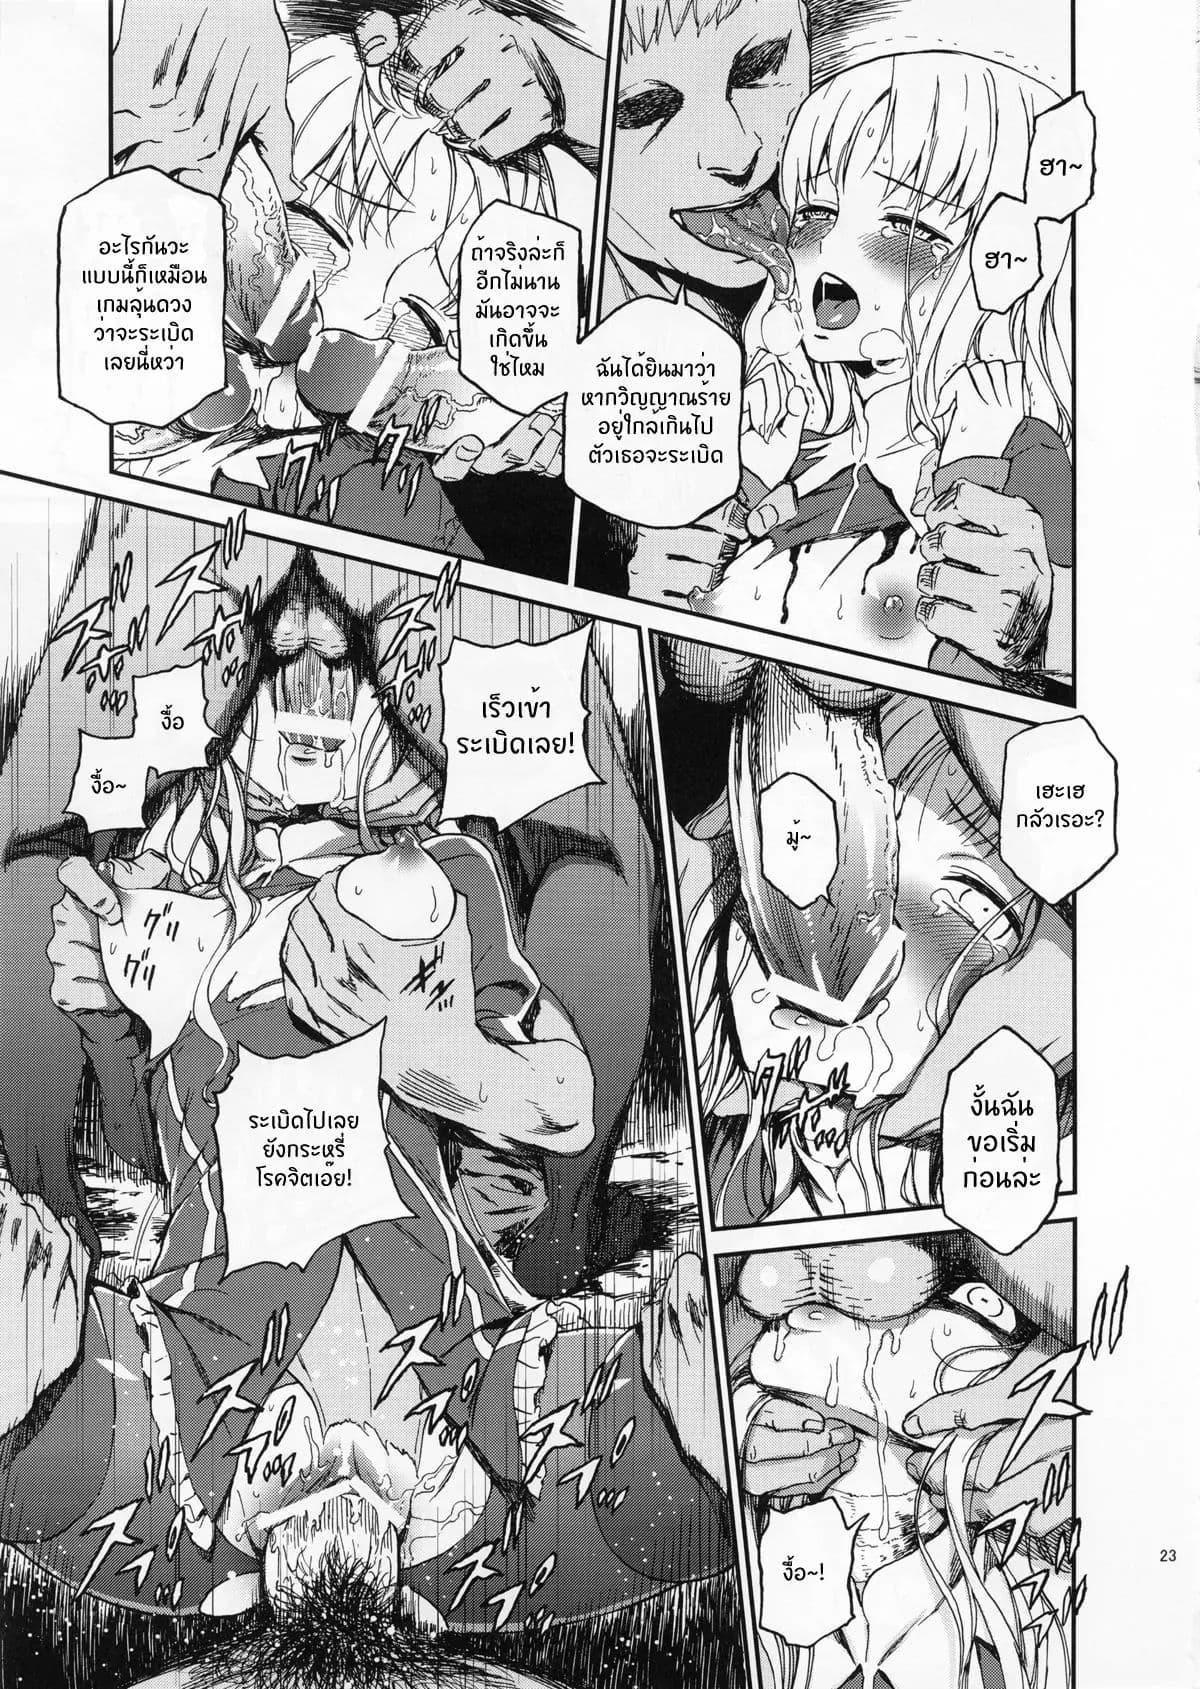 อ่านการ์ตูน (C83) [Ikujinashi no Fetishist] Eros&Agape (Fate hollow ataraxia) ภาพที่ 22